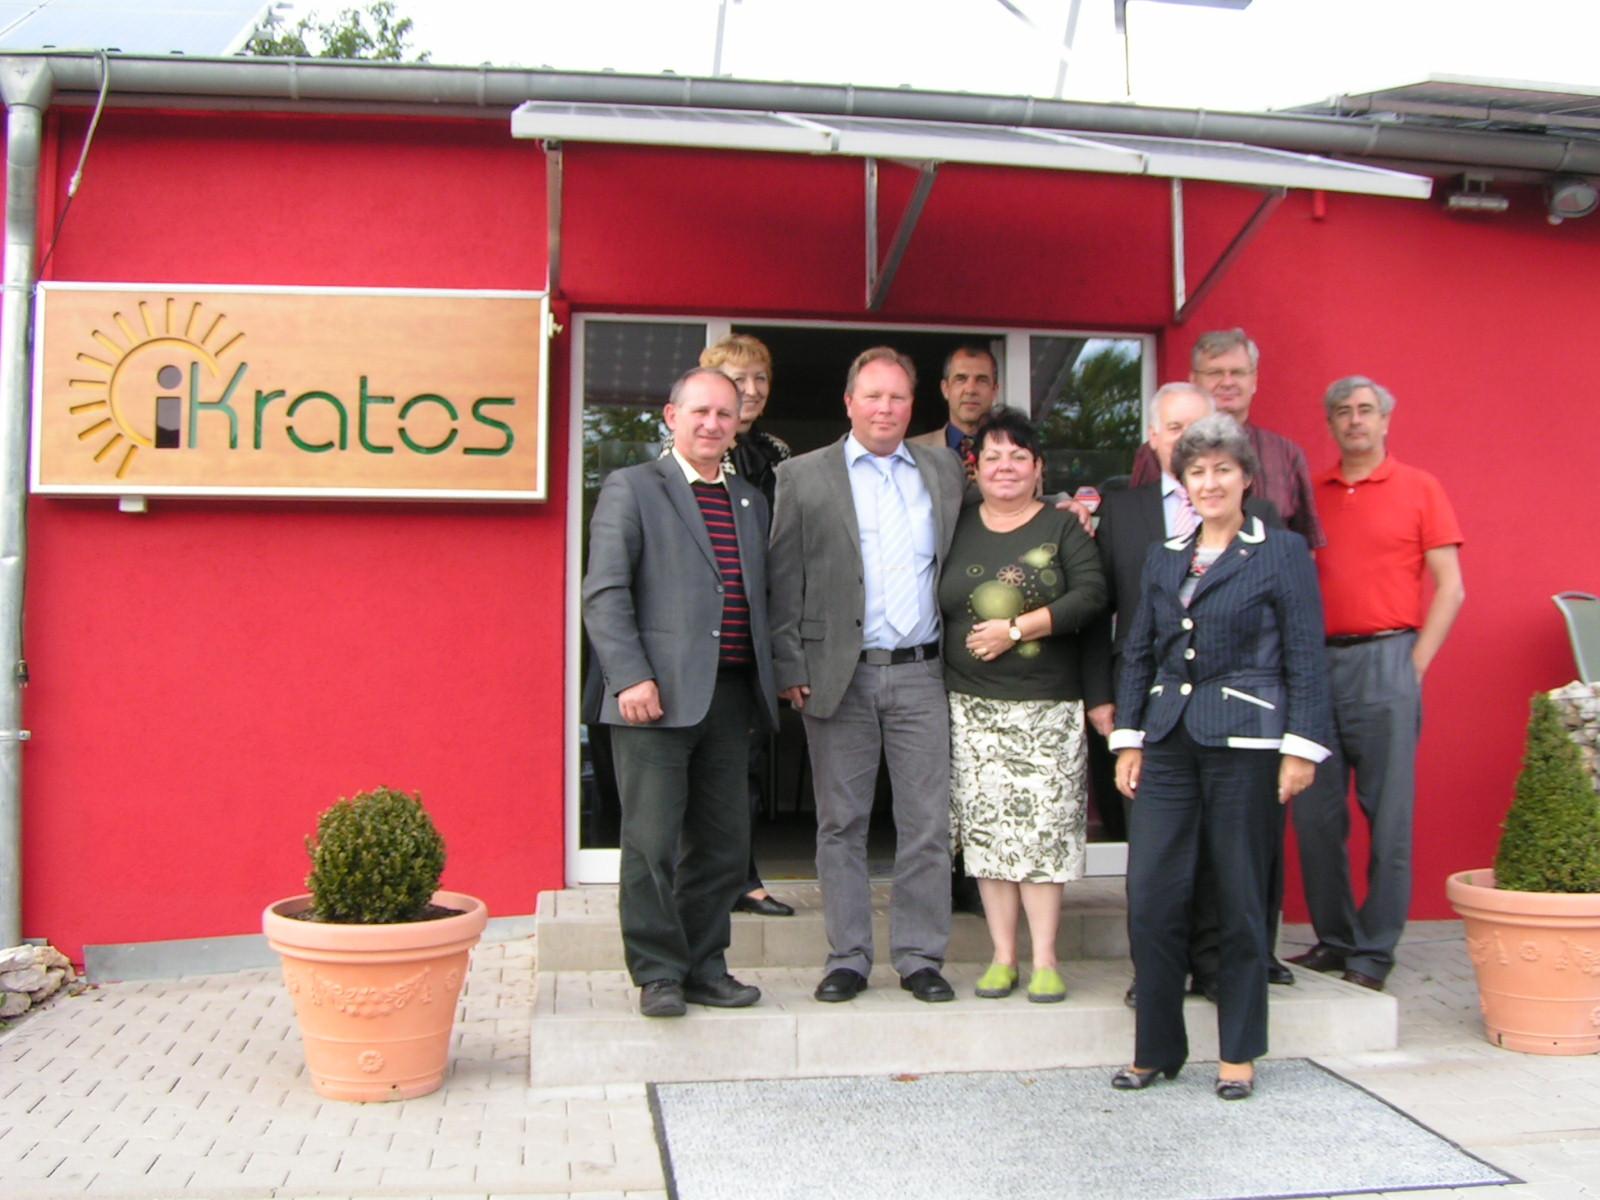 Auslandsgruppe bei iKratos